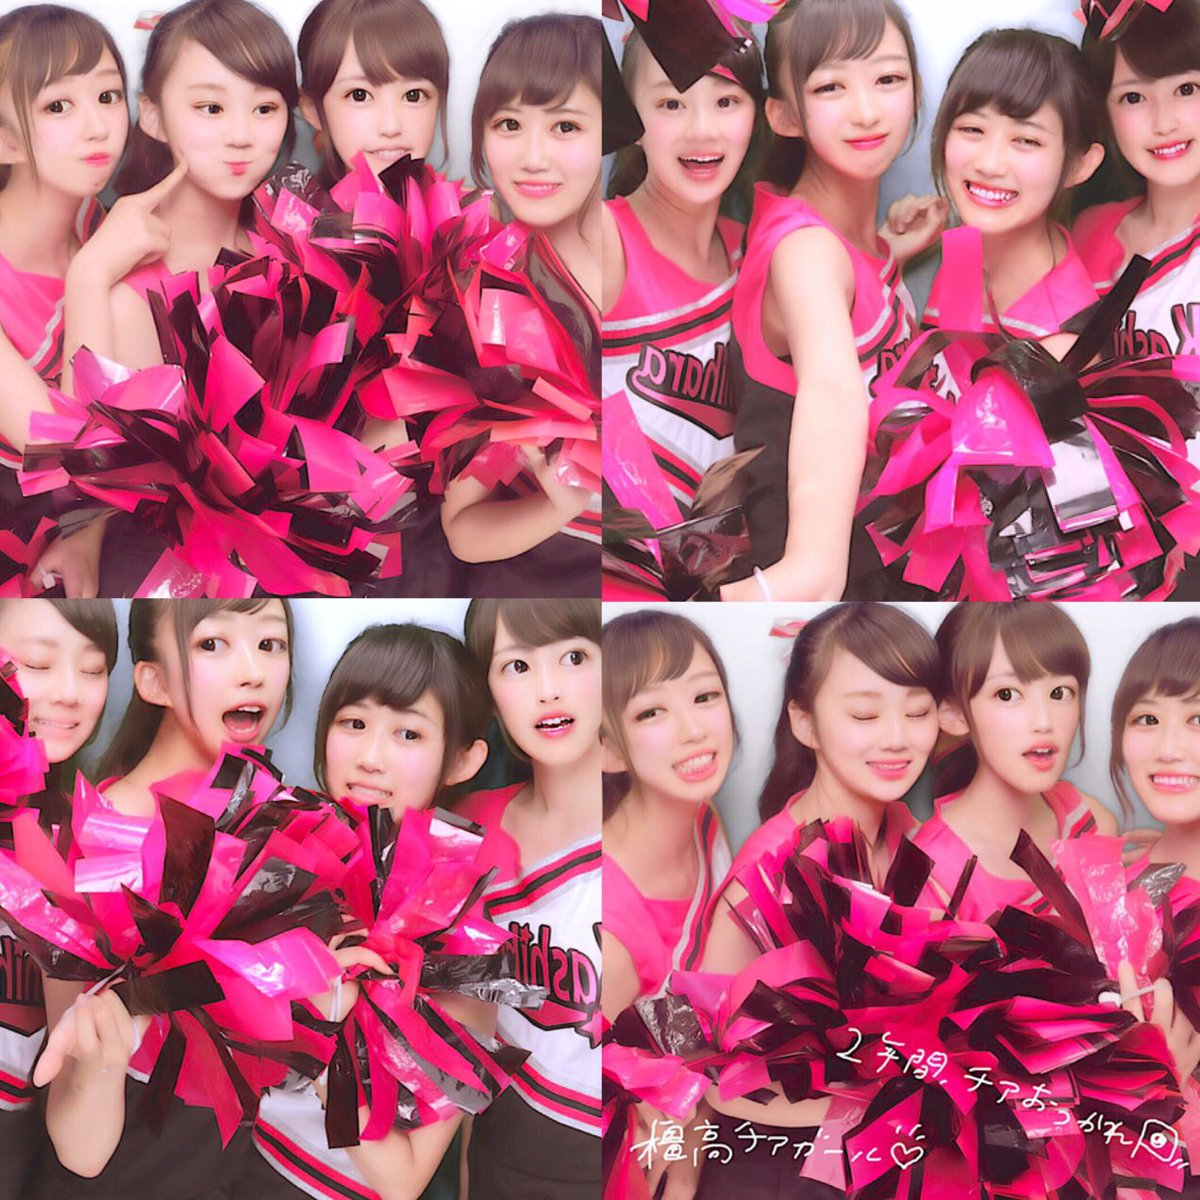 チアガール・女子高生に萌えるスレ 28©2ch.netYouTube動画>11本 ->画像>4264枚